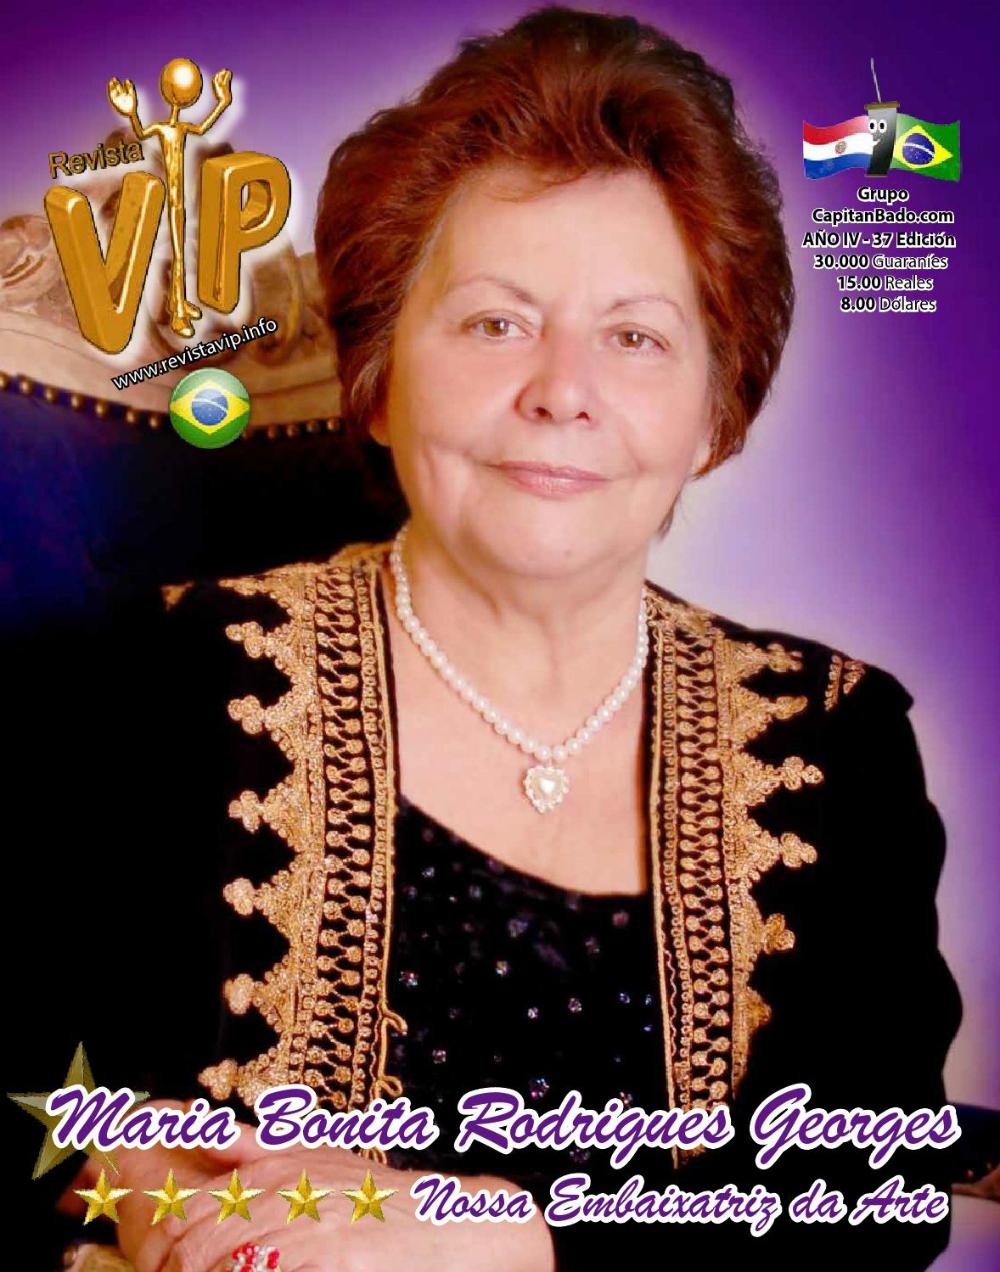 Vip 37 Brasil